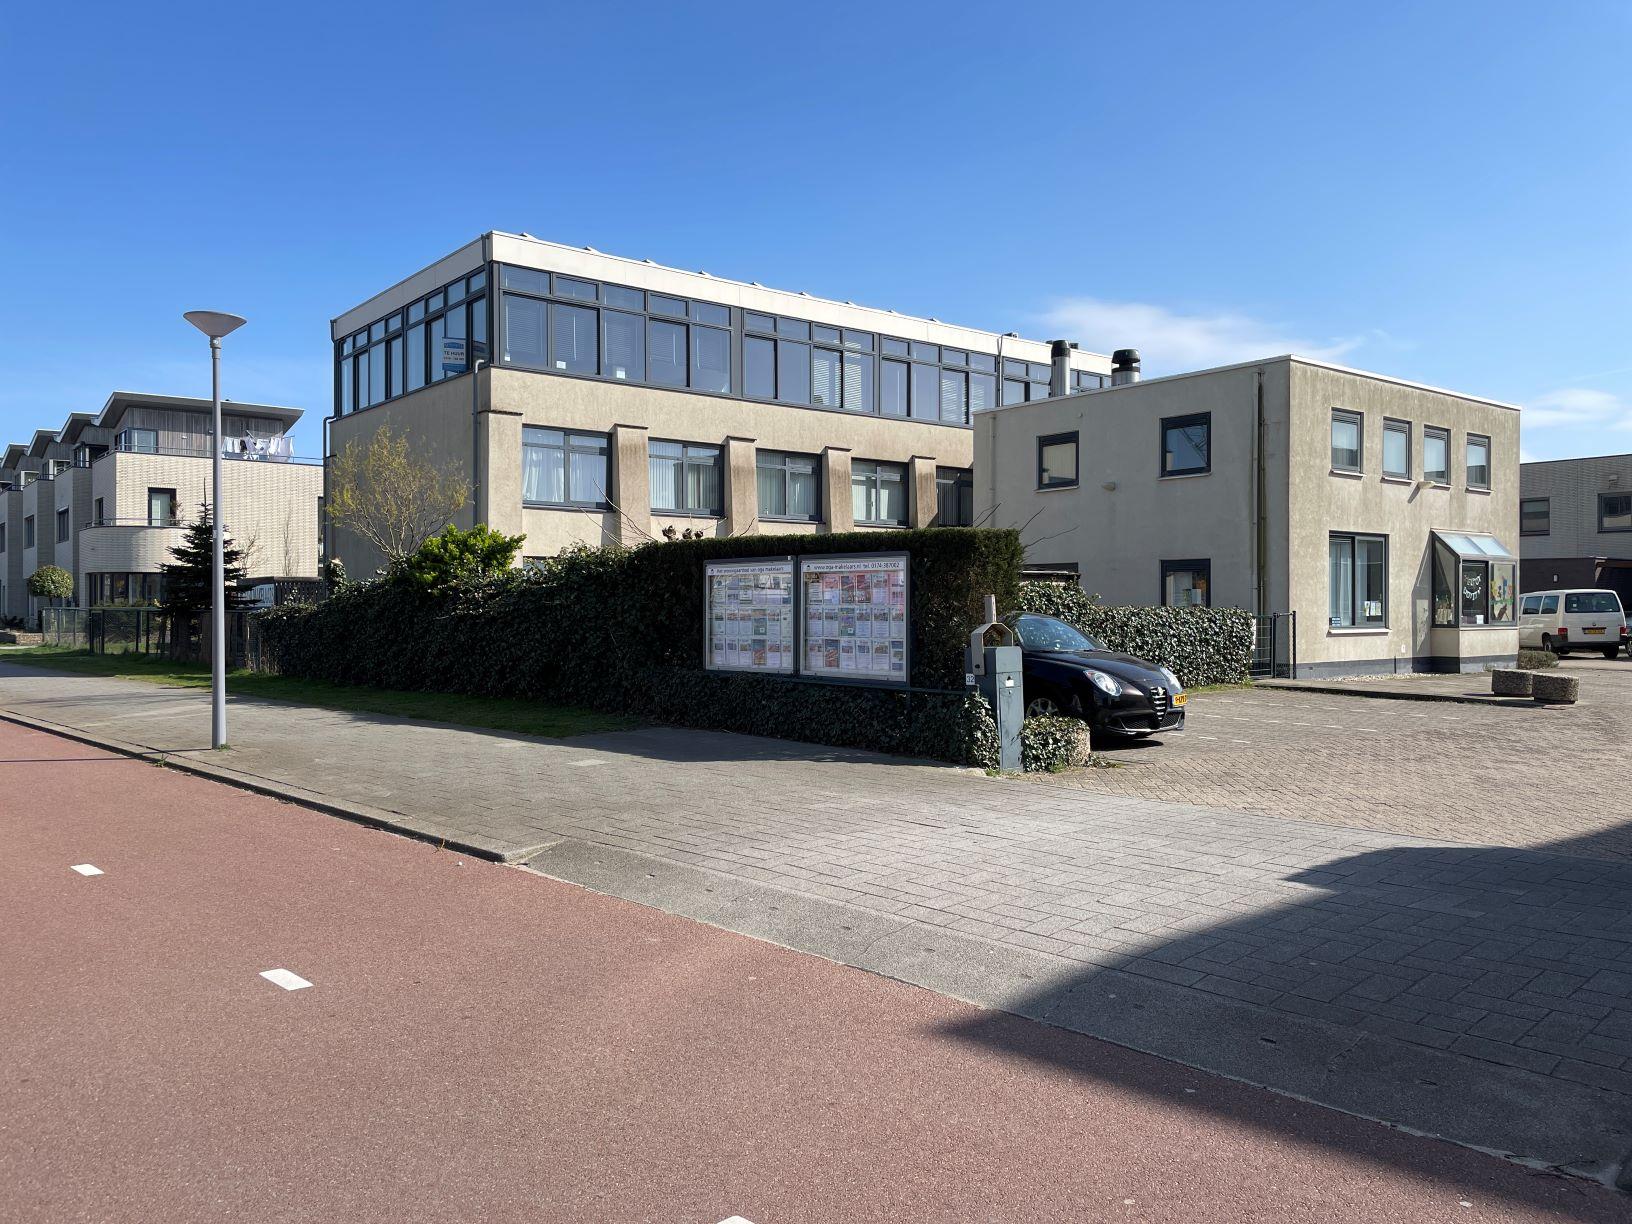 Kantoorruimte-Hoek van Holland